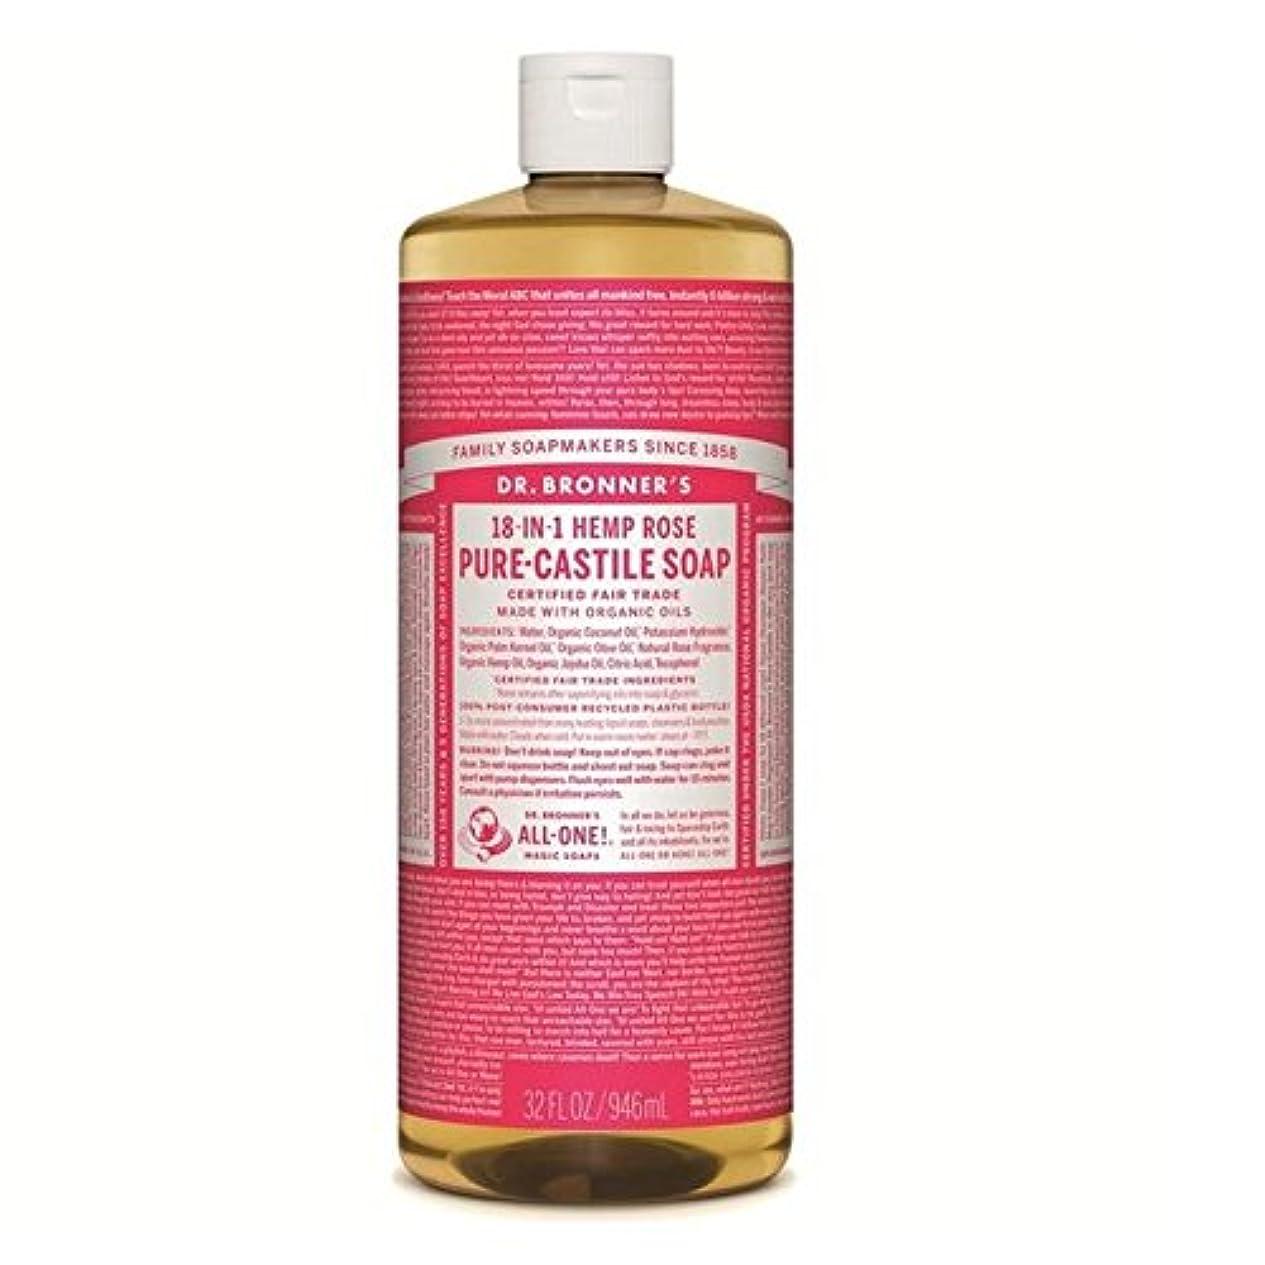 シエスタ自転車鈍いDr Bronner Organic Rose Castile Liquid Soap 946ml - ブロナー有機カスティーリャ液体石鹸946ミリリットルローズ [並行輸入品]